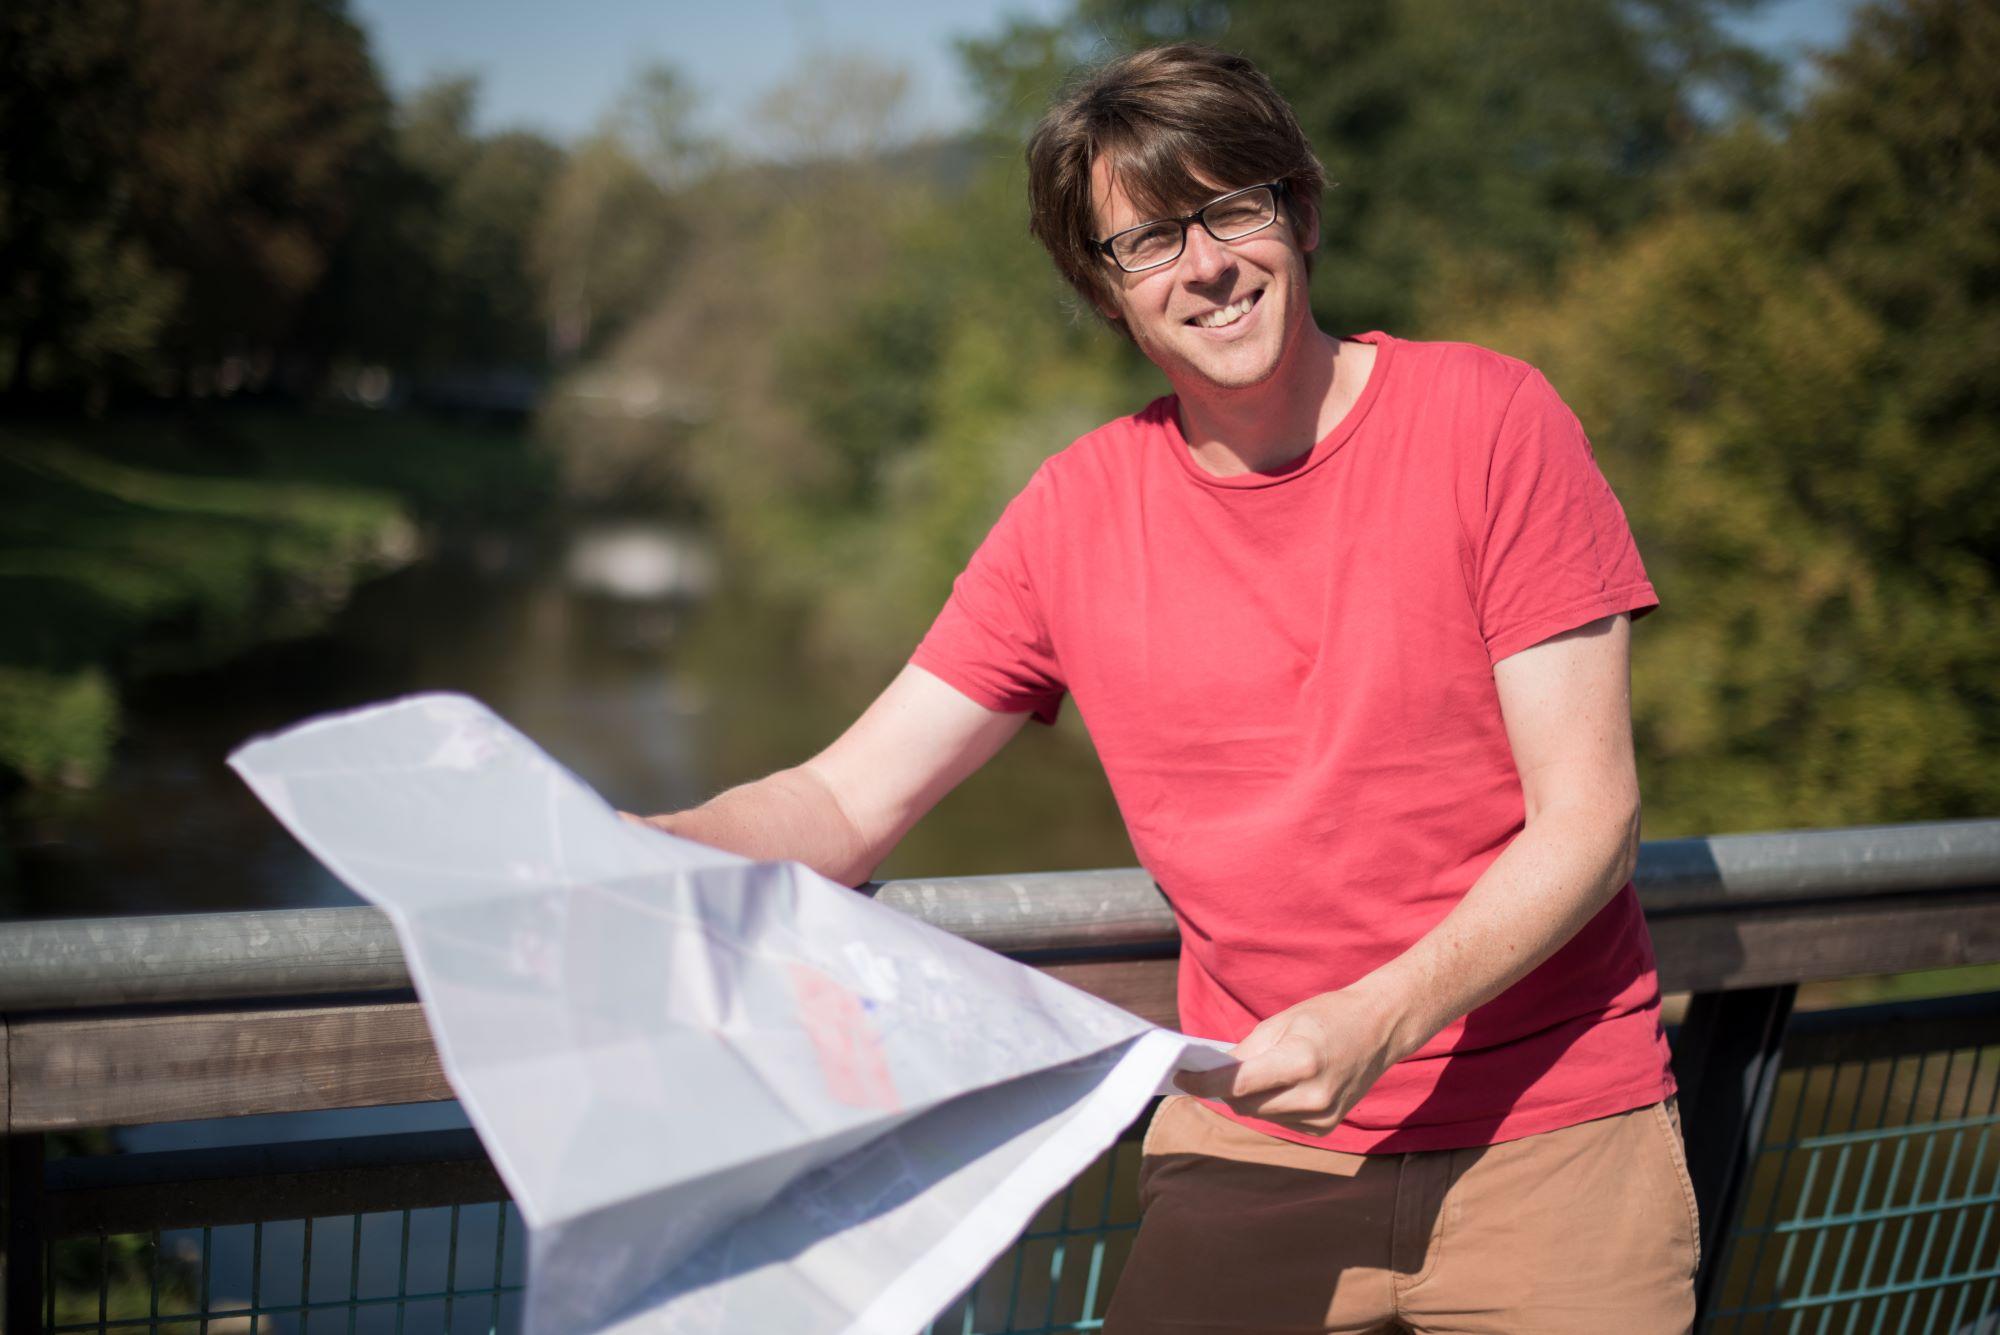 DI Dr. Alexander Debene ist Spezialist für Flussbau. Er berechnete, ob das Projekt an der Traun überhaupt funktionieren kann. HIPI ZT GmbH